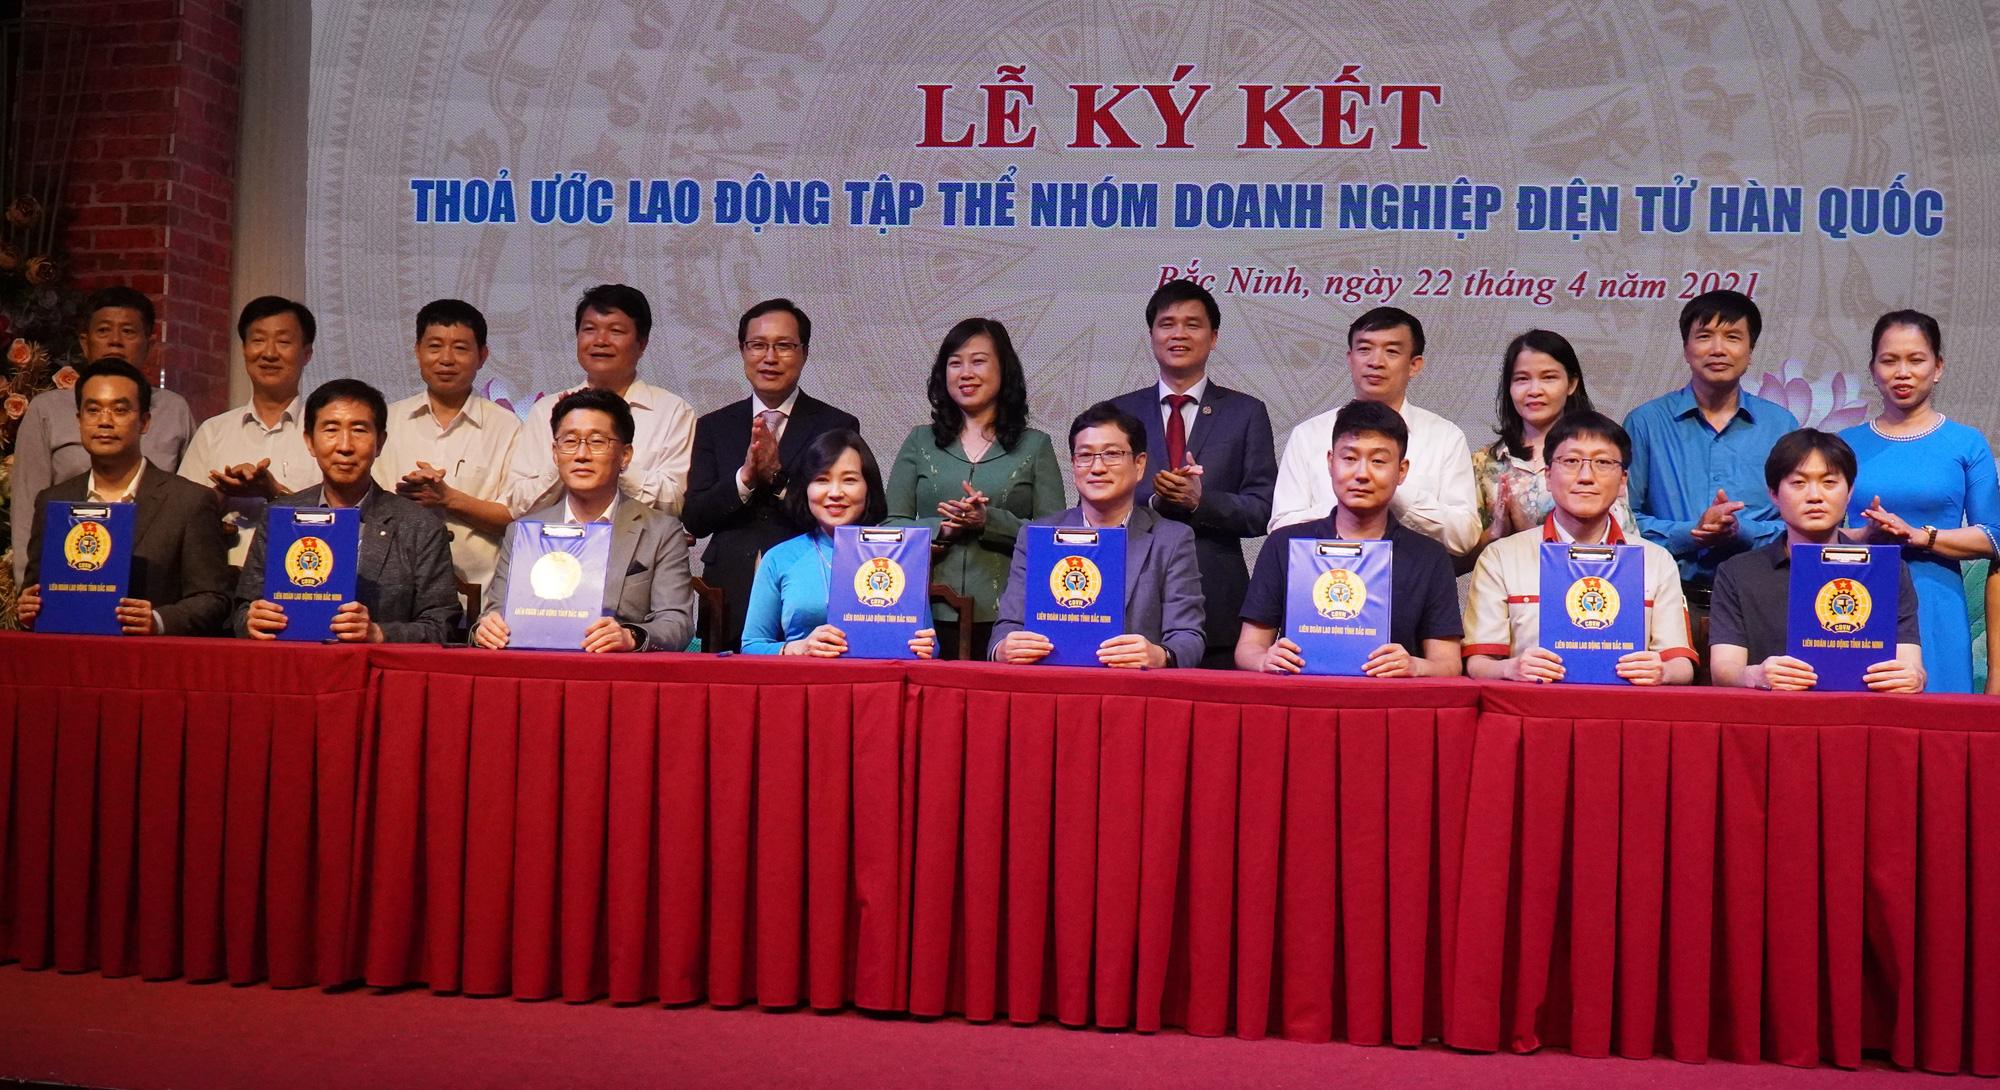 Bắc Ninh: 7 doanh nghiệp điện tử Hàn Quốc với gần 80 ngàn lao động ký kết thỏa ước lao động tập thể - Ảnh 1.